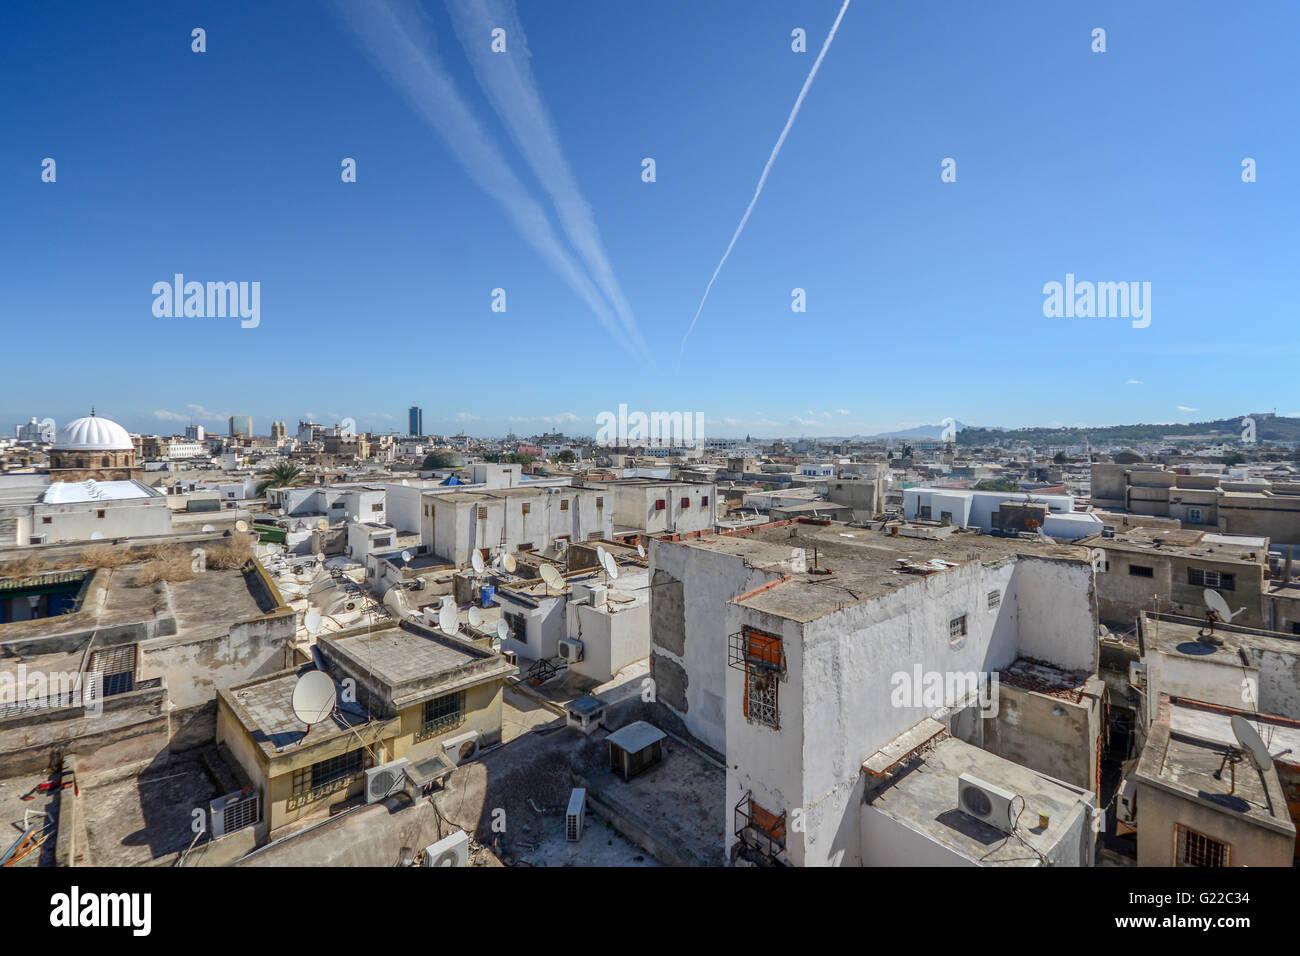 Vista aérea del centro histórico de la ciudad de Túnez, Túnez. Imagen De Stock